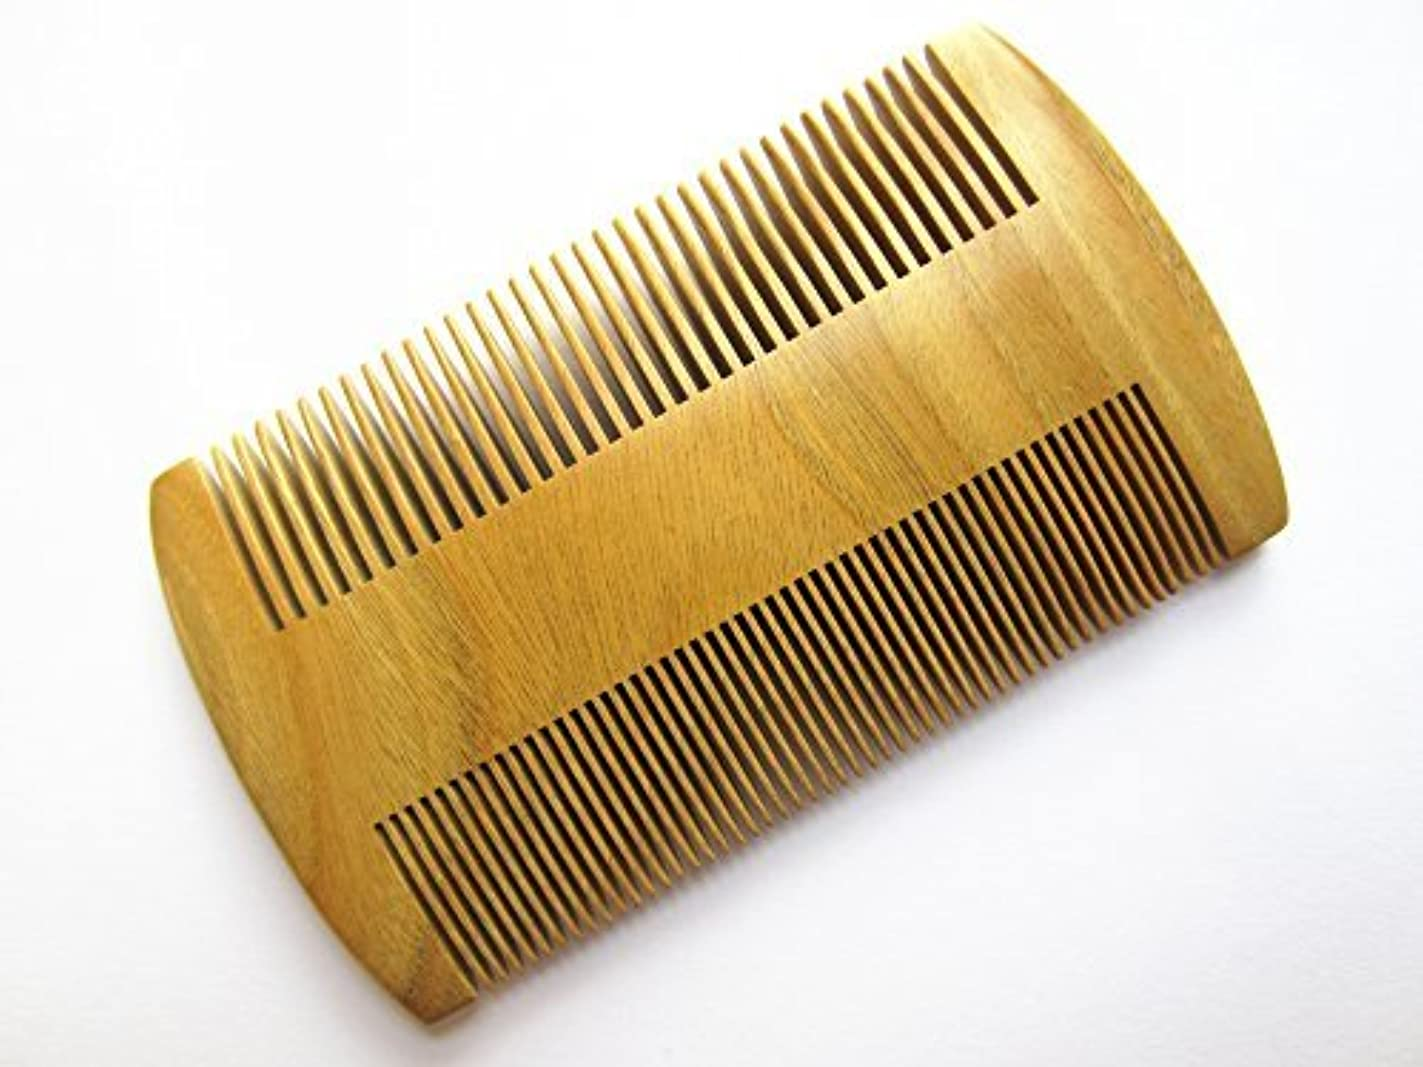 海説明的メッシュMyhsmooth GS-S2M-N2F Handmade Natural Green Sandalwood No Static Pocket Comb Perfect Beard Comb with Aromatic...